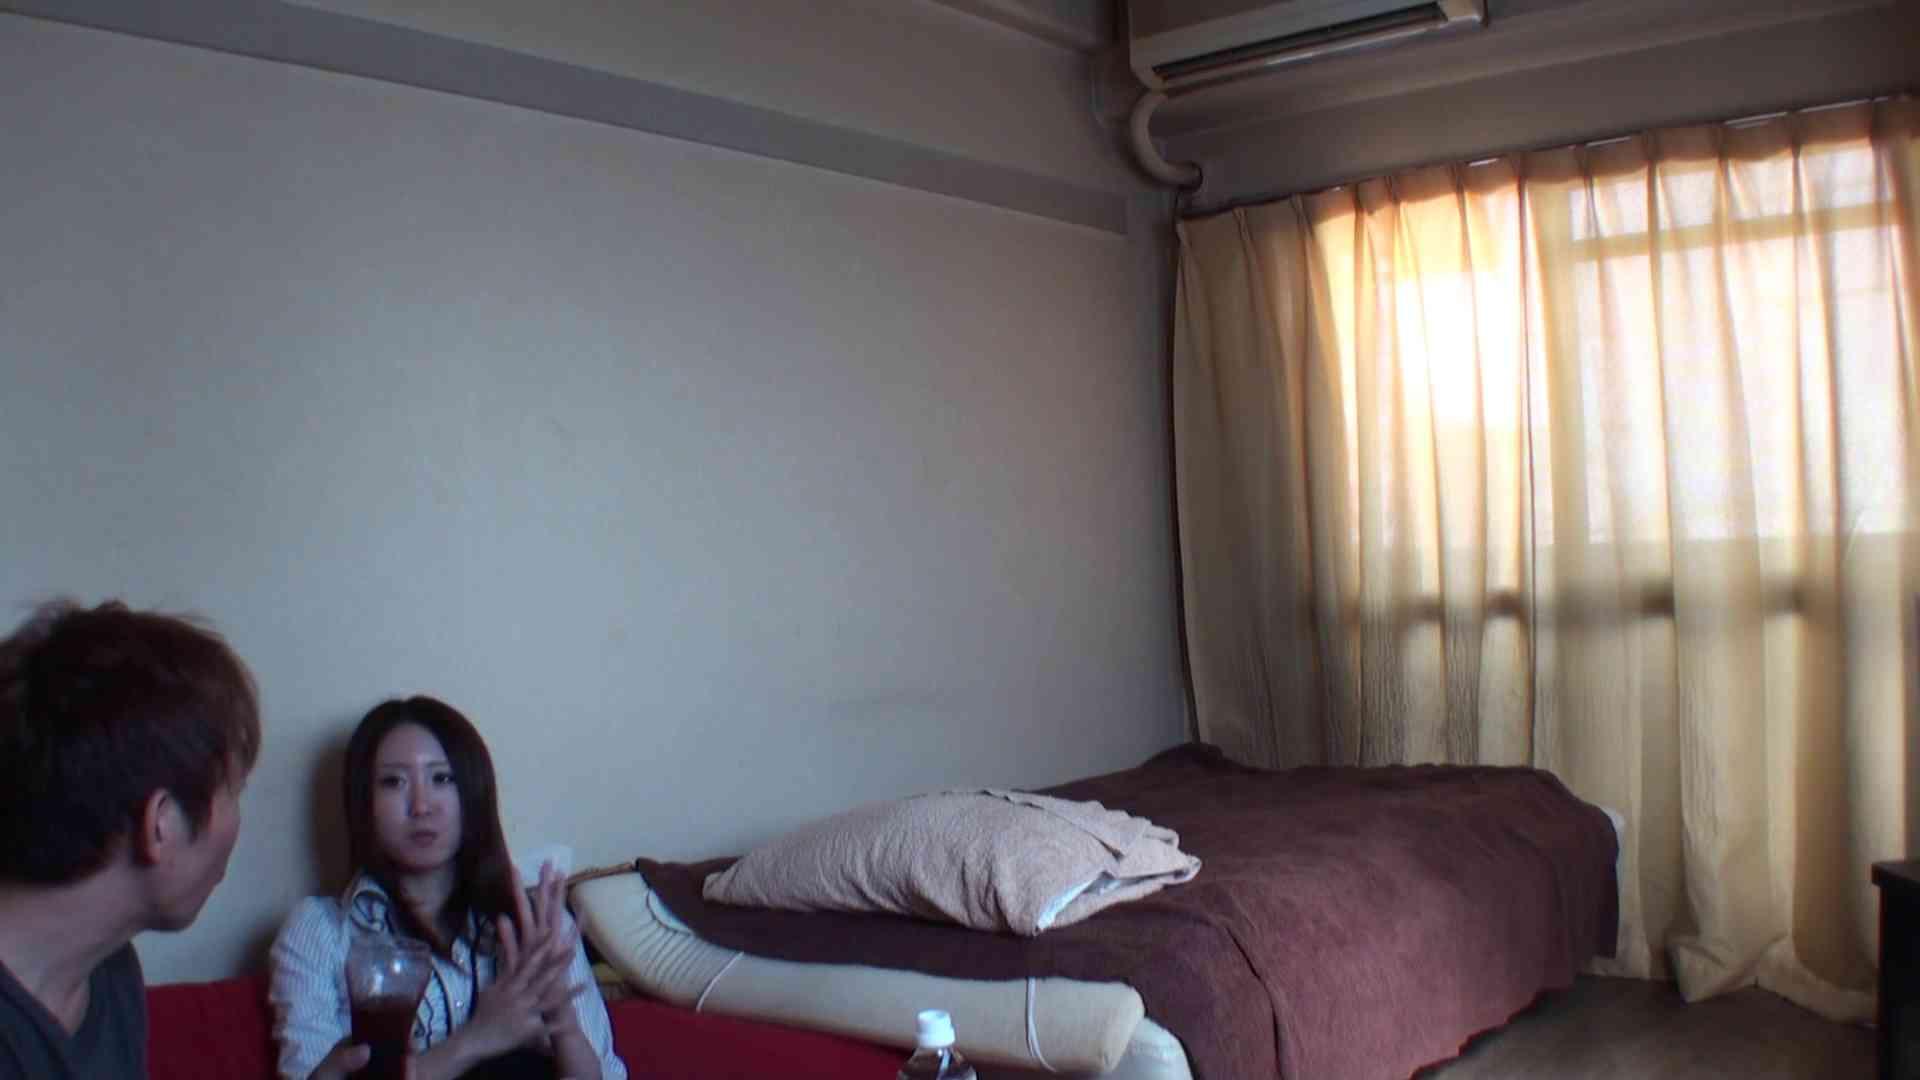 隠撮店の女の子をつまみ喰い~yukivol.4 隠撮 | OL裸体  107画像 19